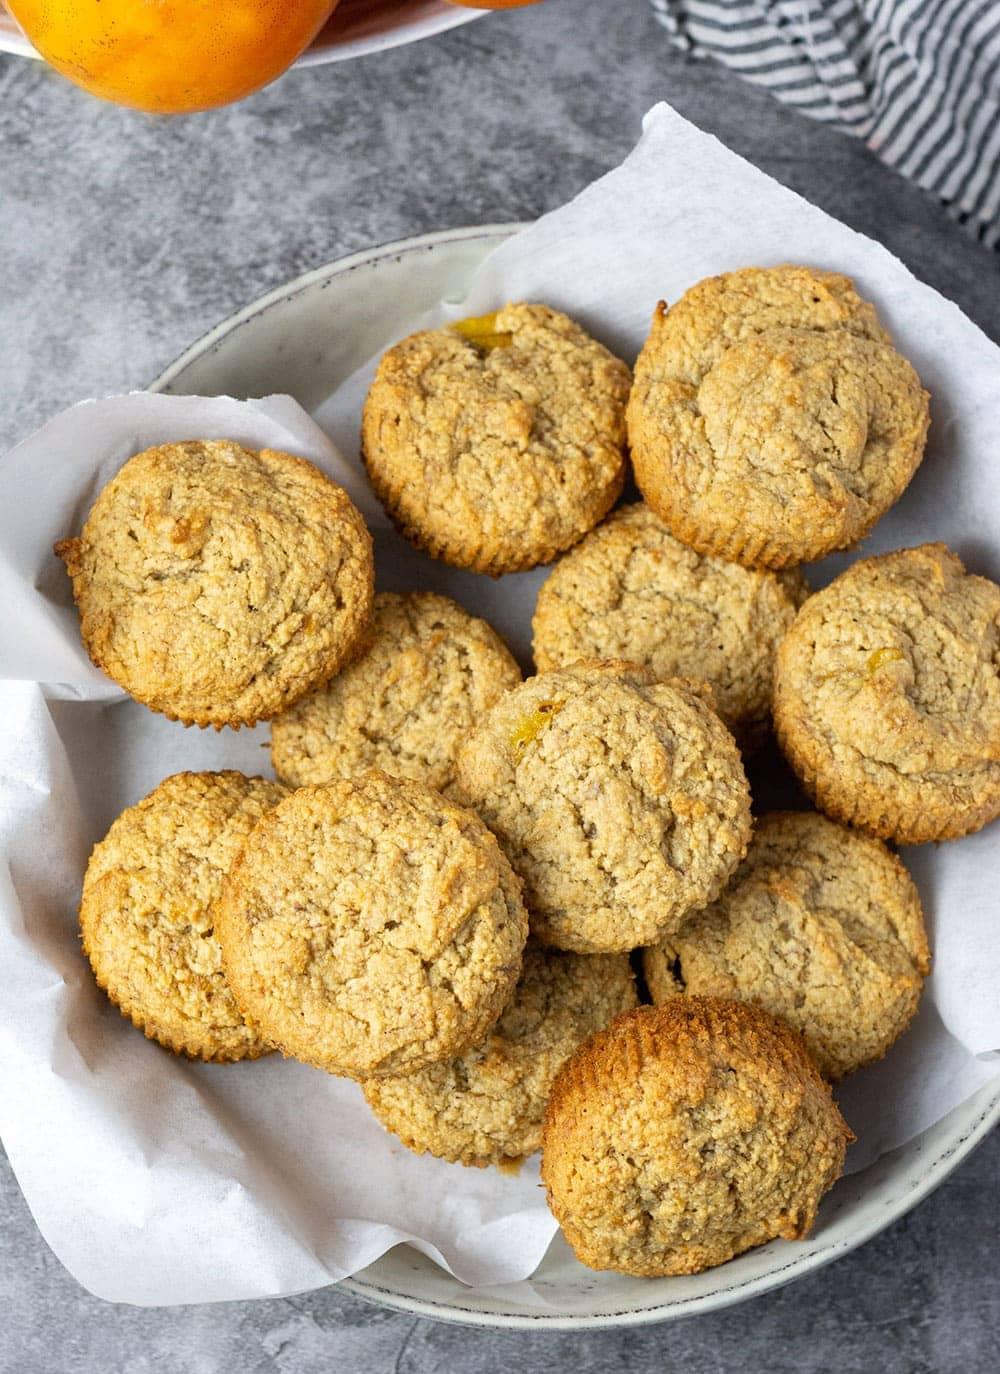 Vegan Persimmon Banana Muffins